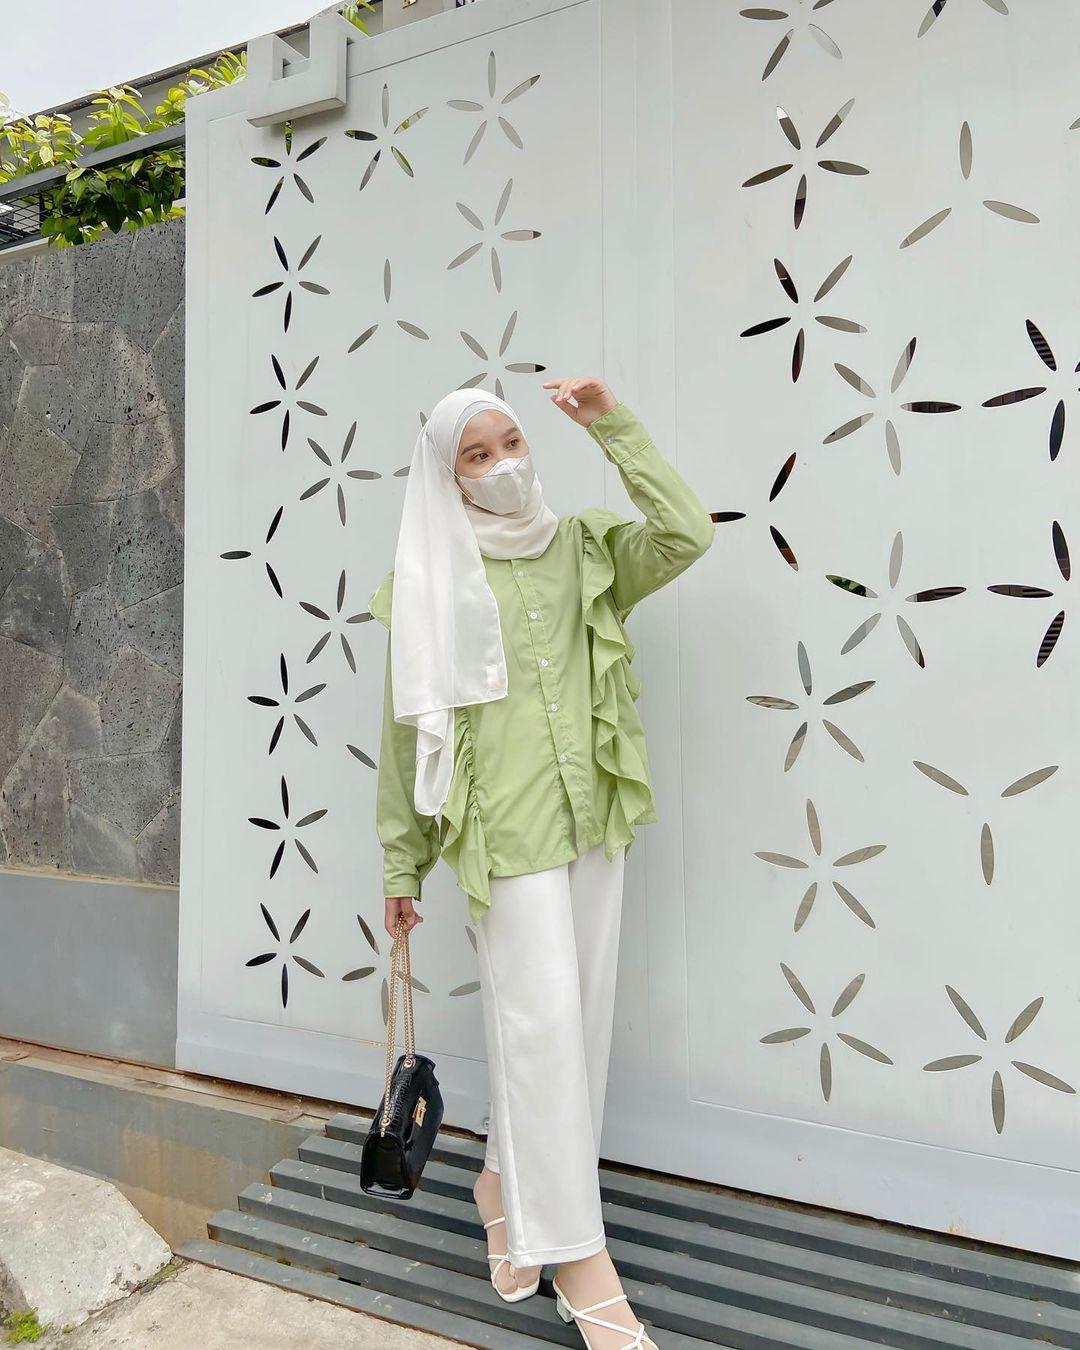 أفكار لتنسيق الحجاب مع قناع الوجه أو الكمامة  (29)